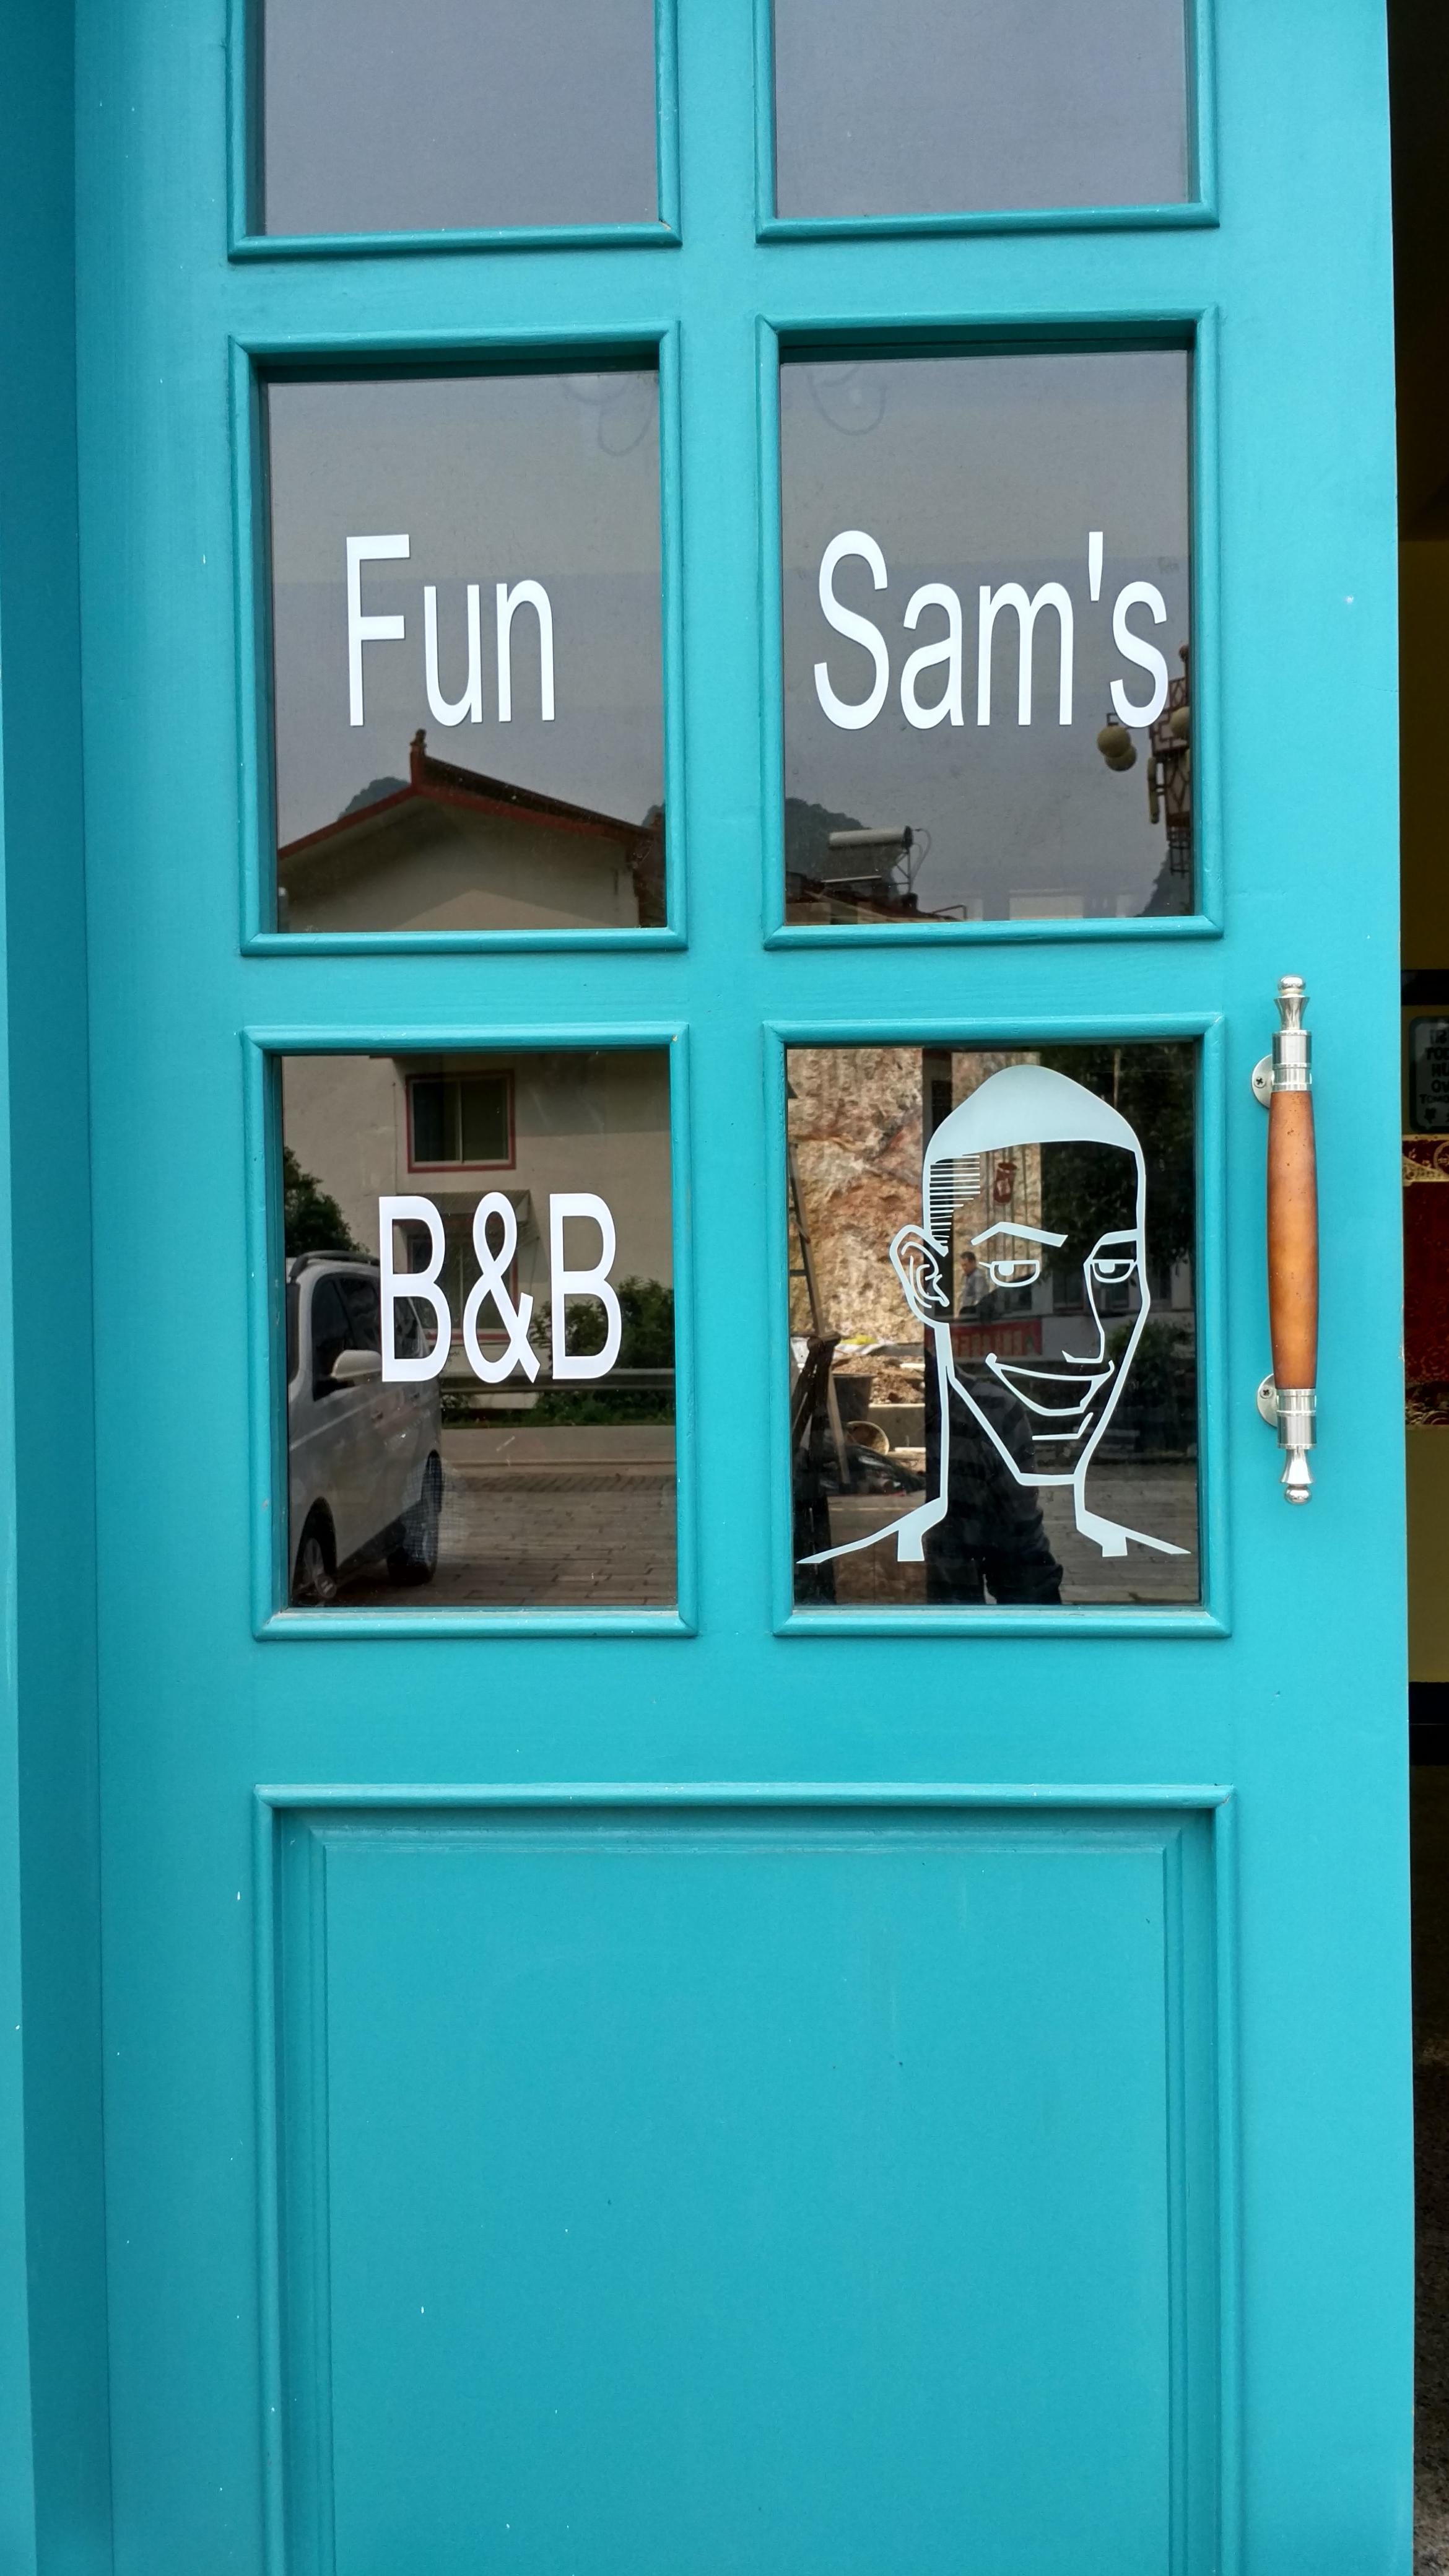 Front door Sam's